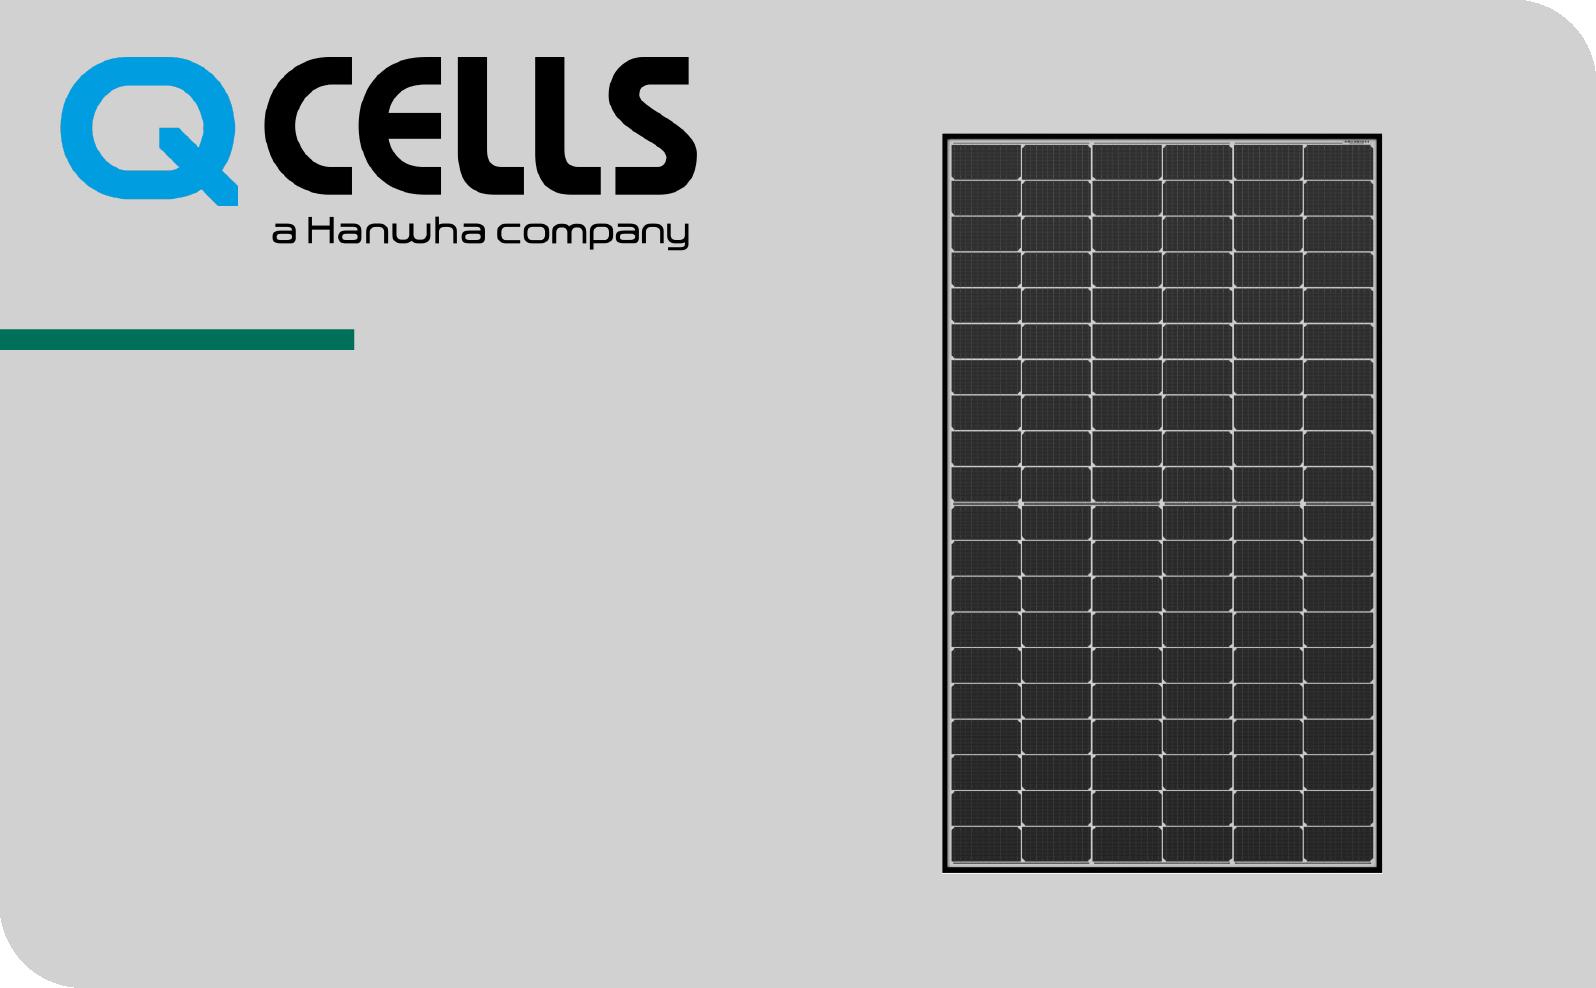 vignette fiche produit panneaux solaires QCELLS